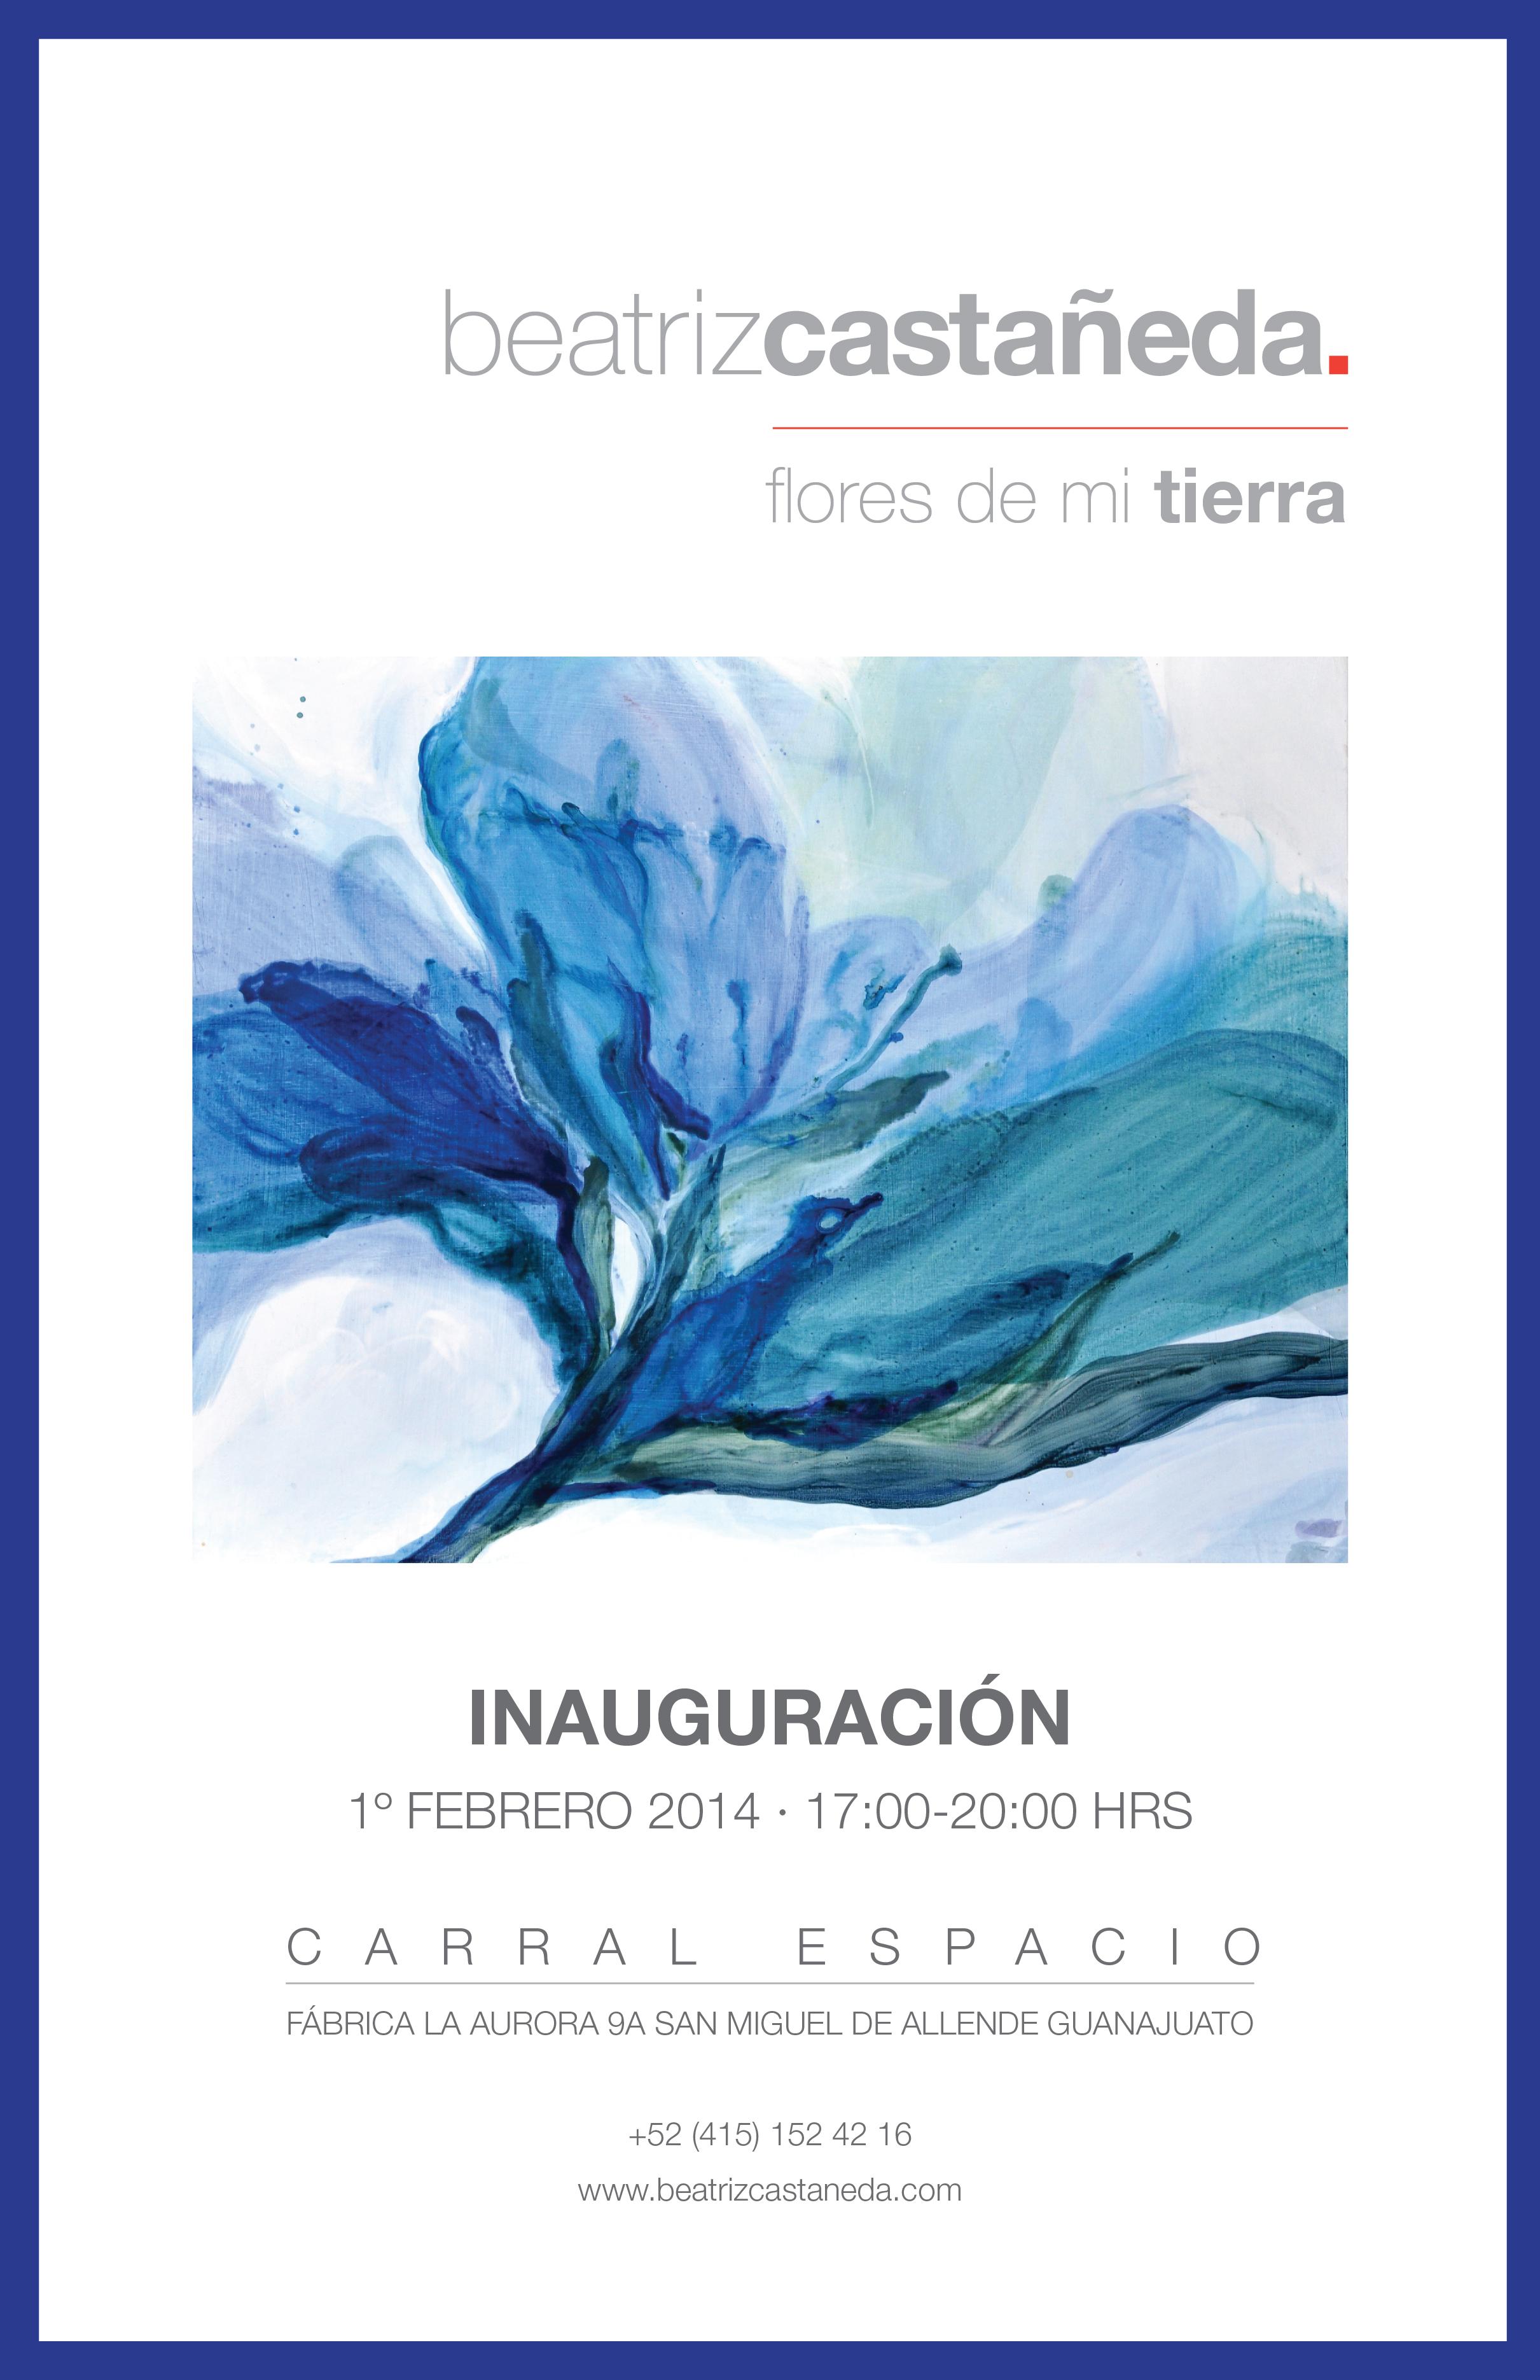 bc_poster-03-03